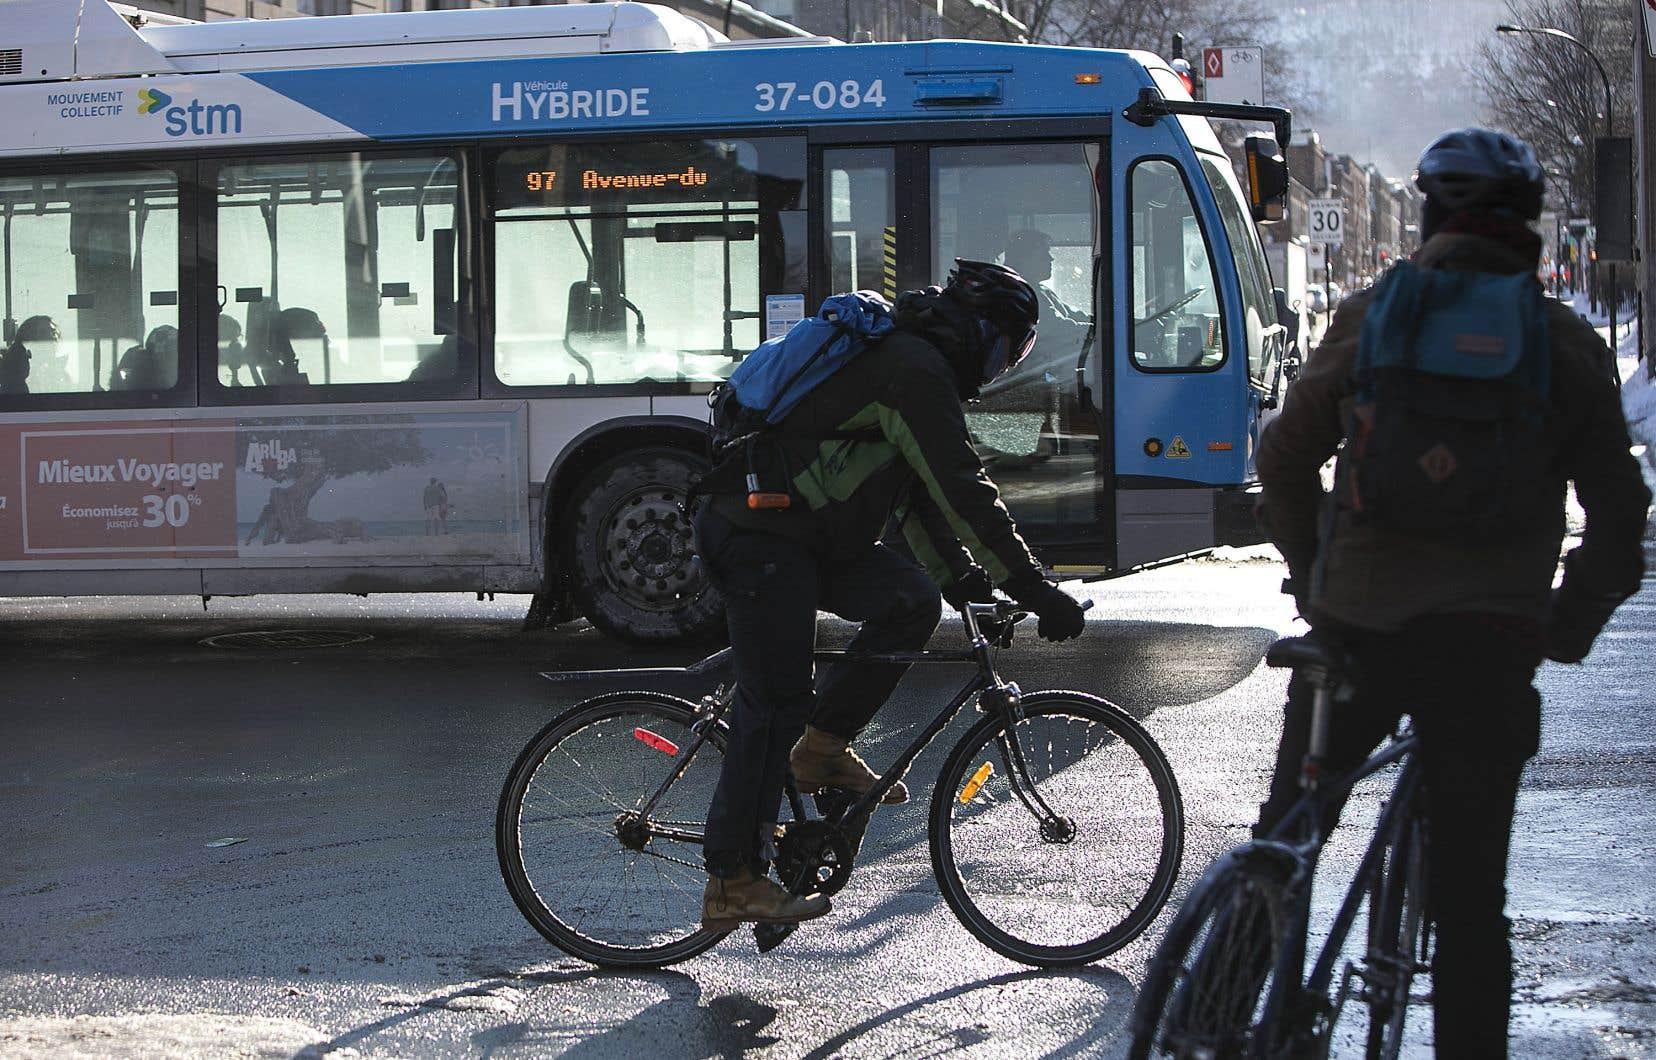 De plus en plus de Montréalais décident de ne pas remiser leur vélo une fois l'hiver venu, mais d'au contraire l'enfourcher et affronter le froid et la neige.